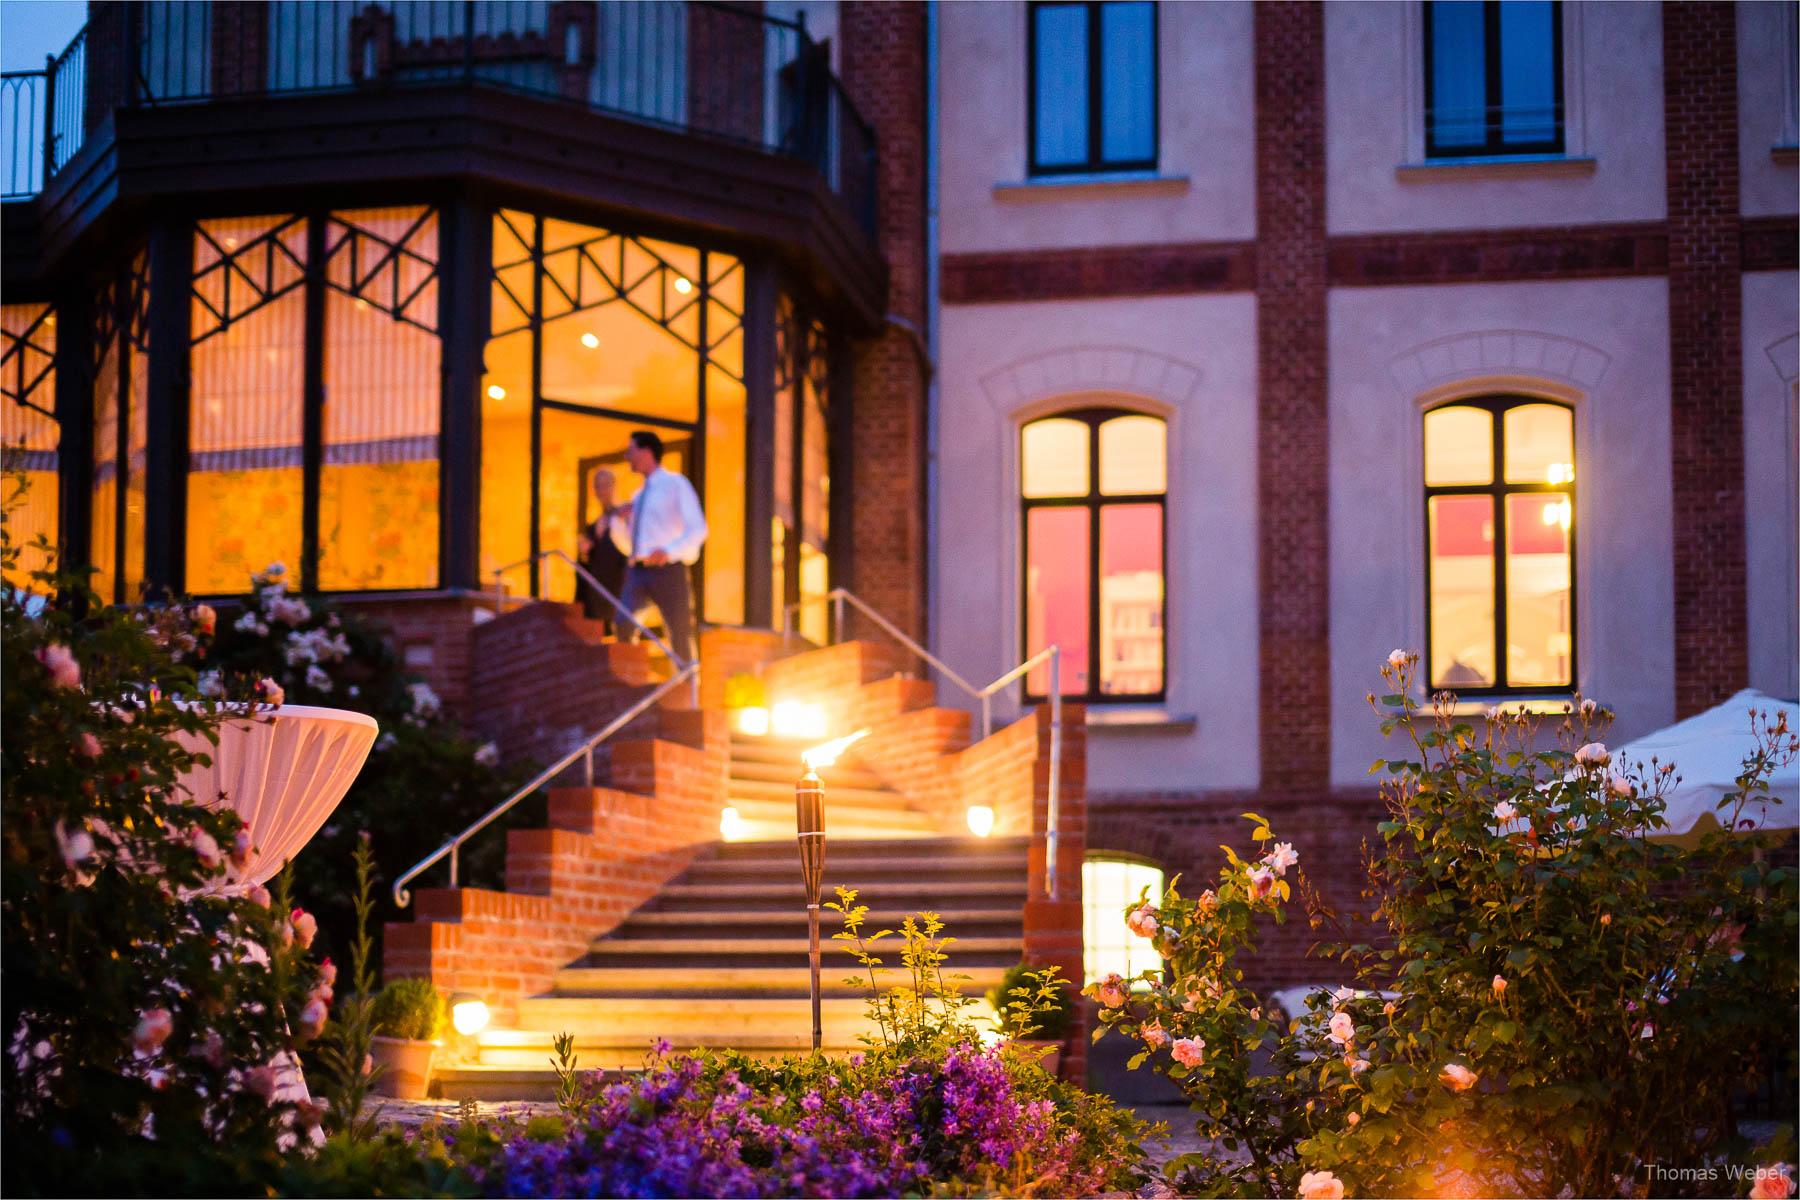 Hochzeitsfotograf bei einer Hochzeit auf Schloss Gamehl an der Ostsee: Hochzeitstanz und Party